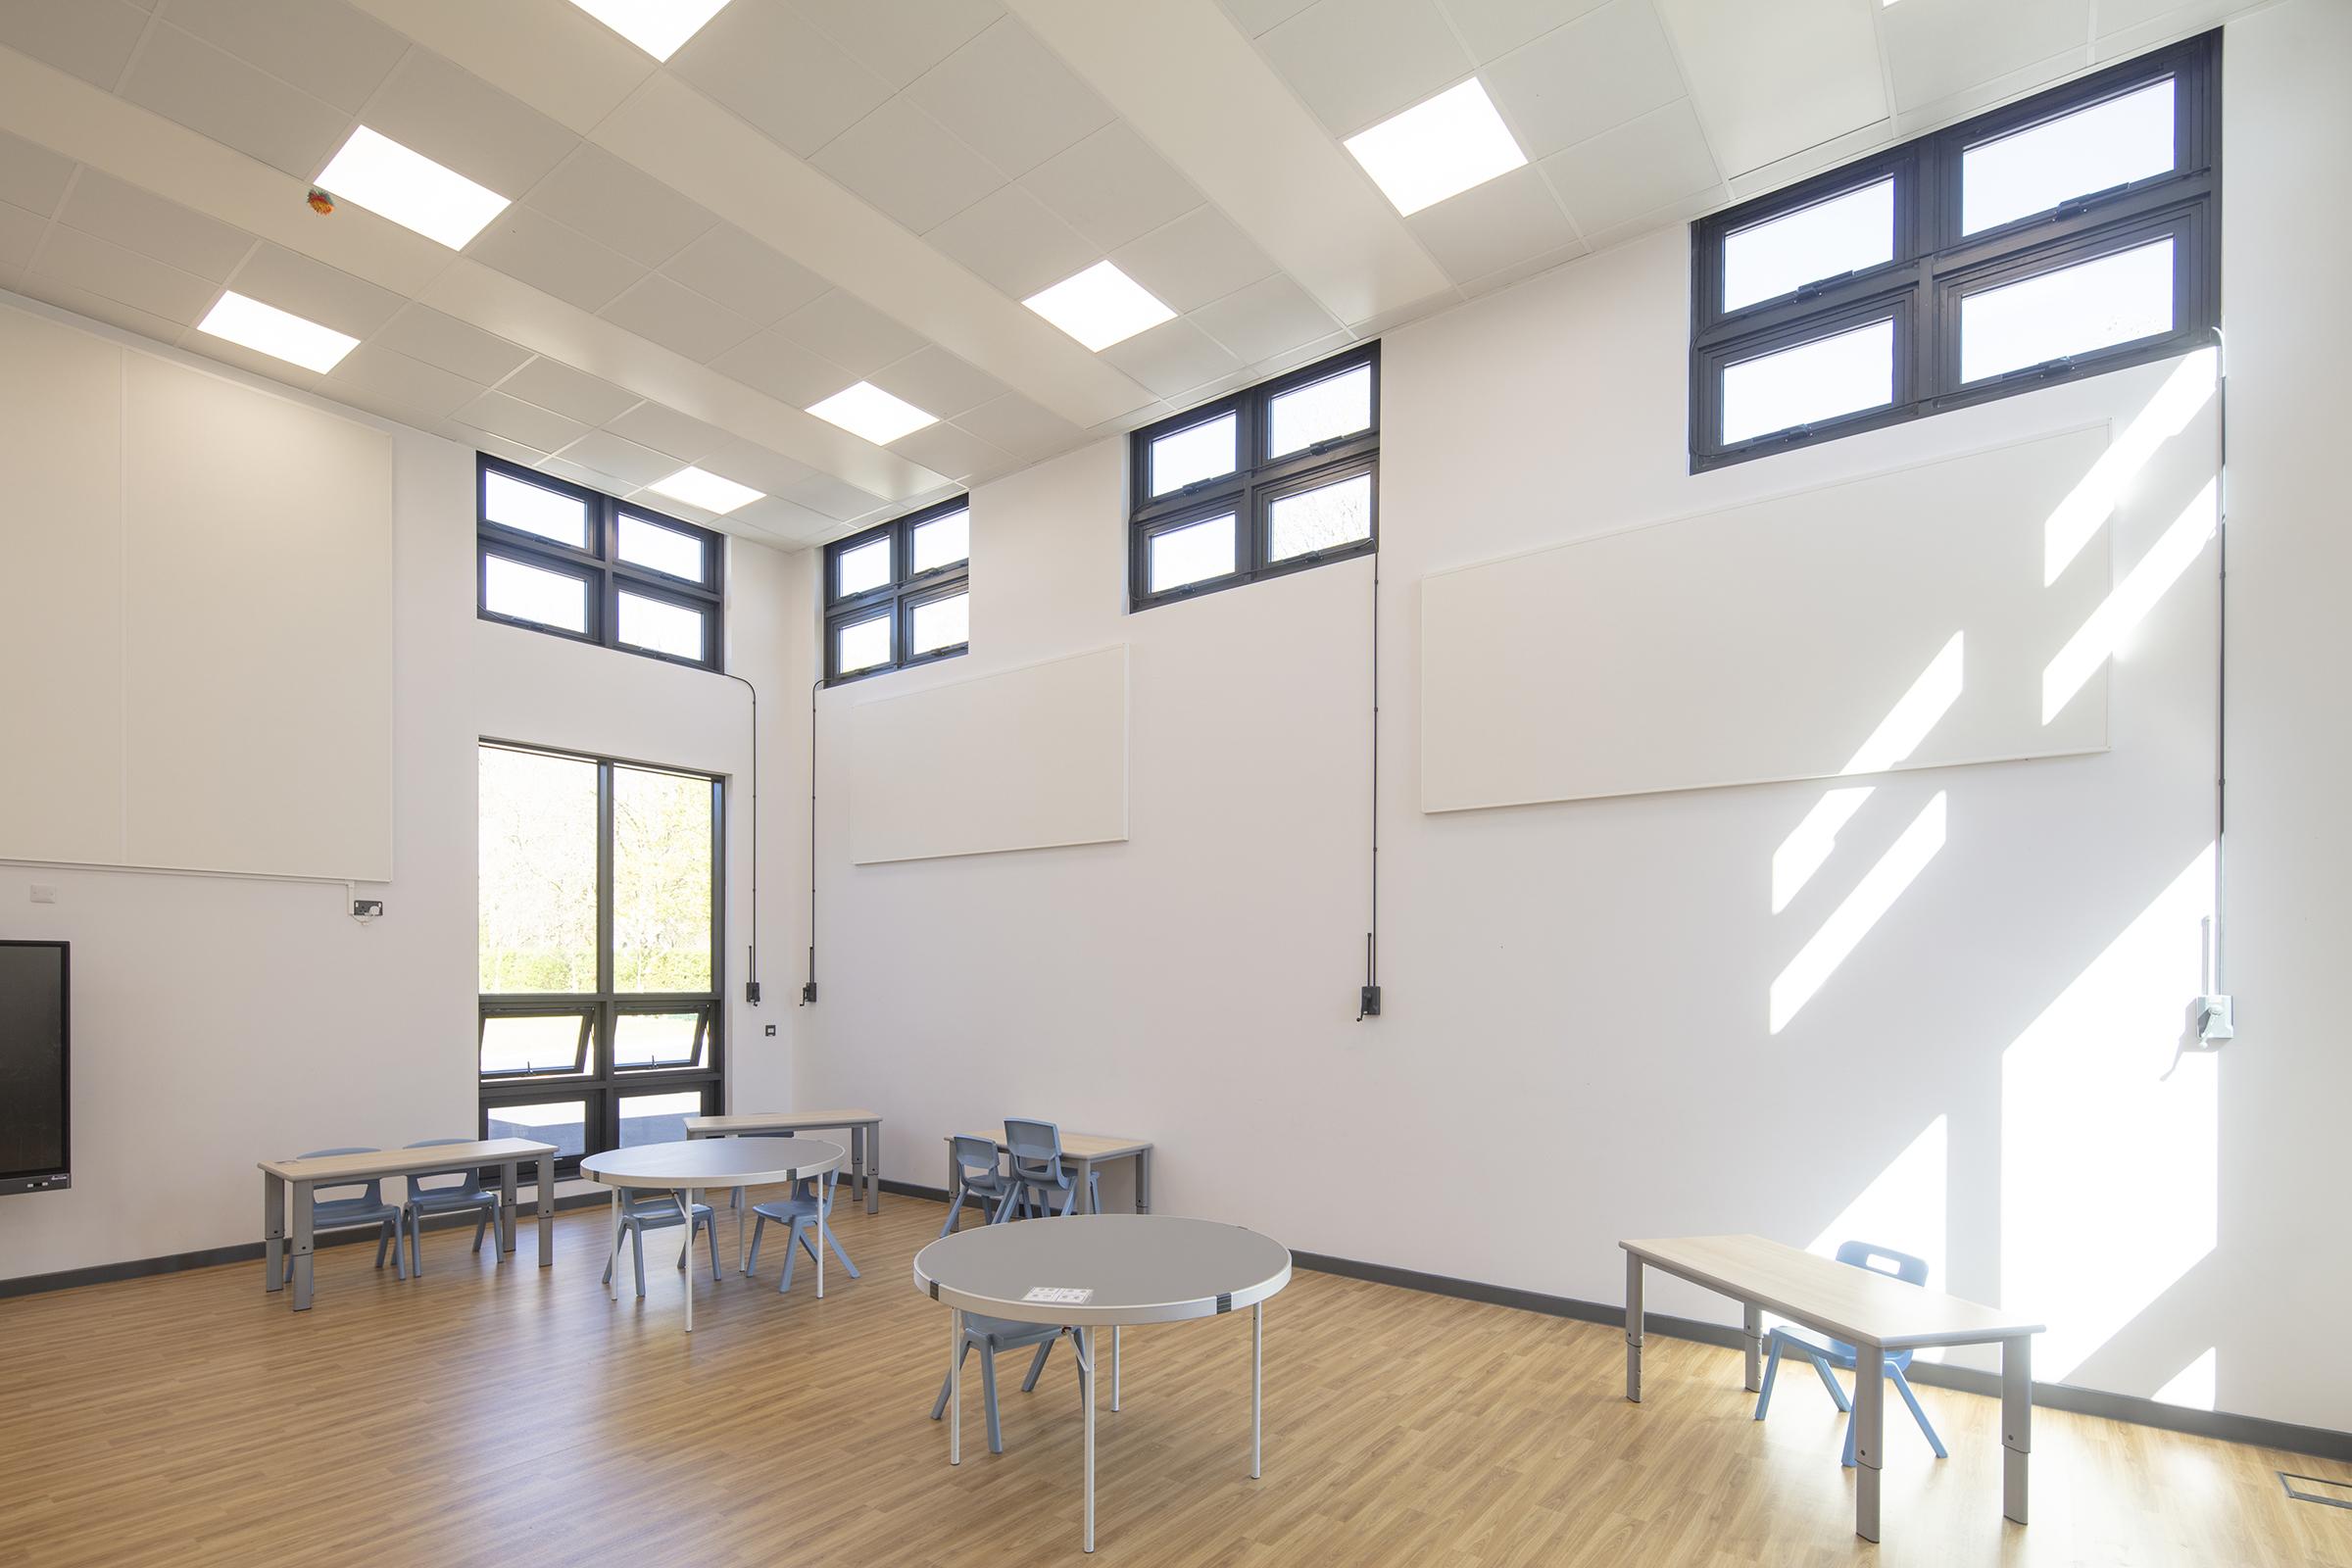 Nethergate Academy Sportshall